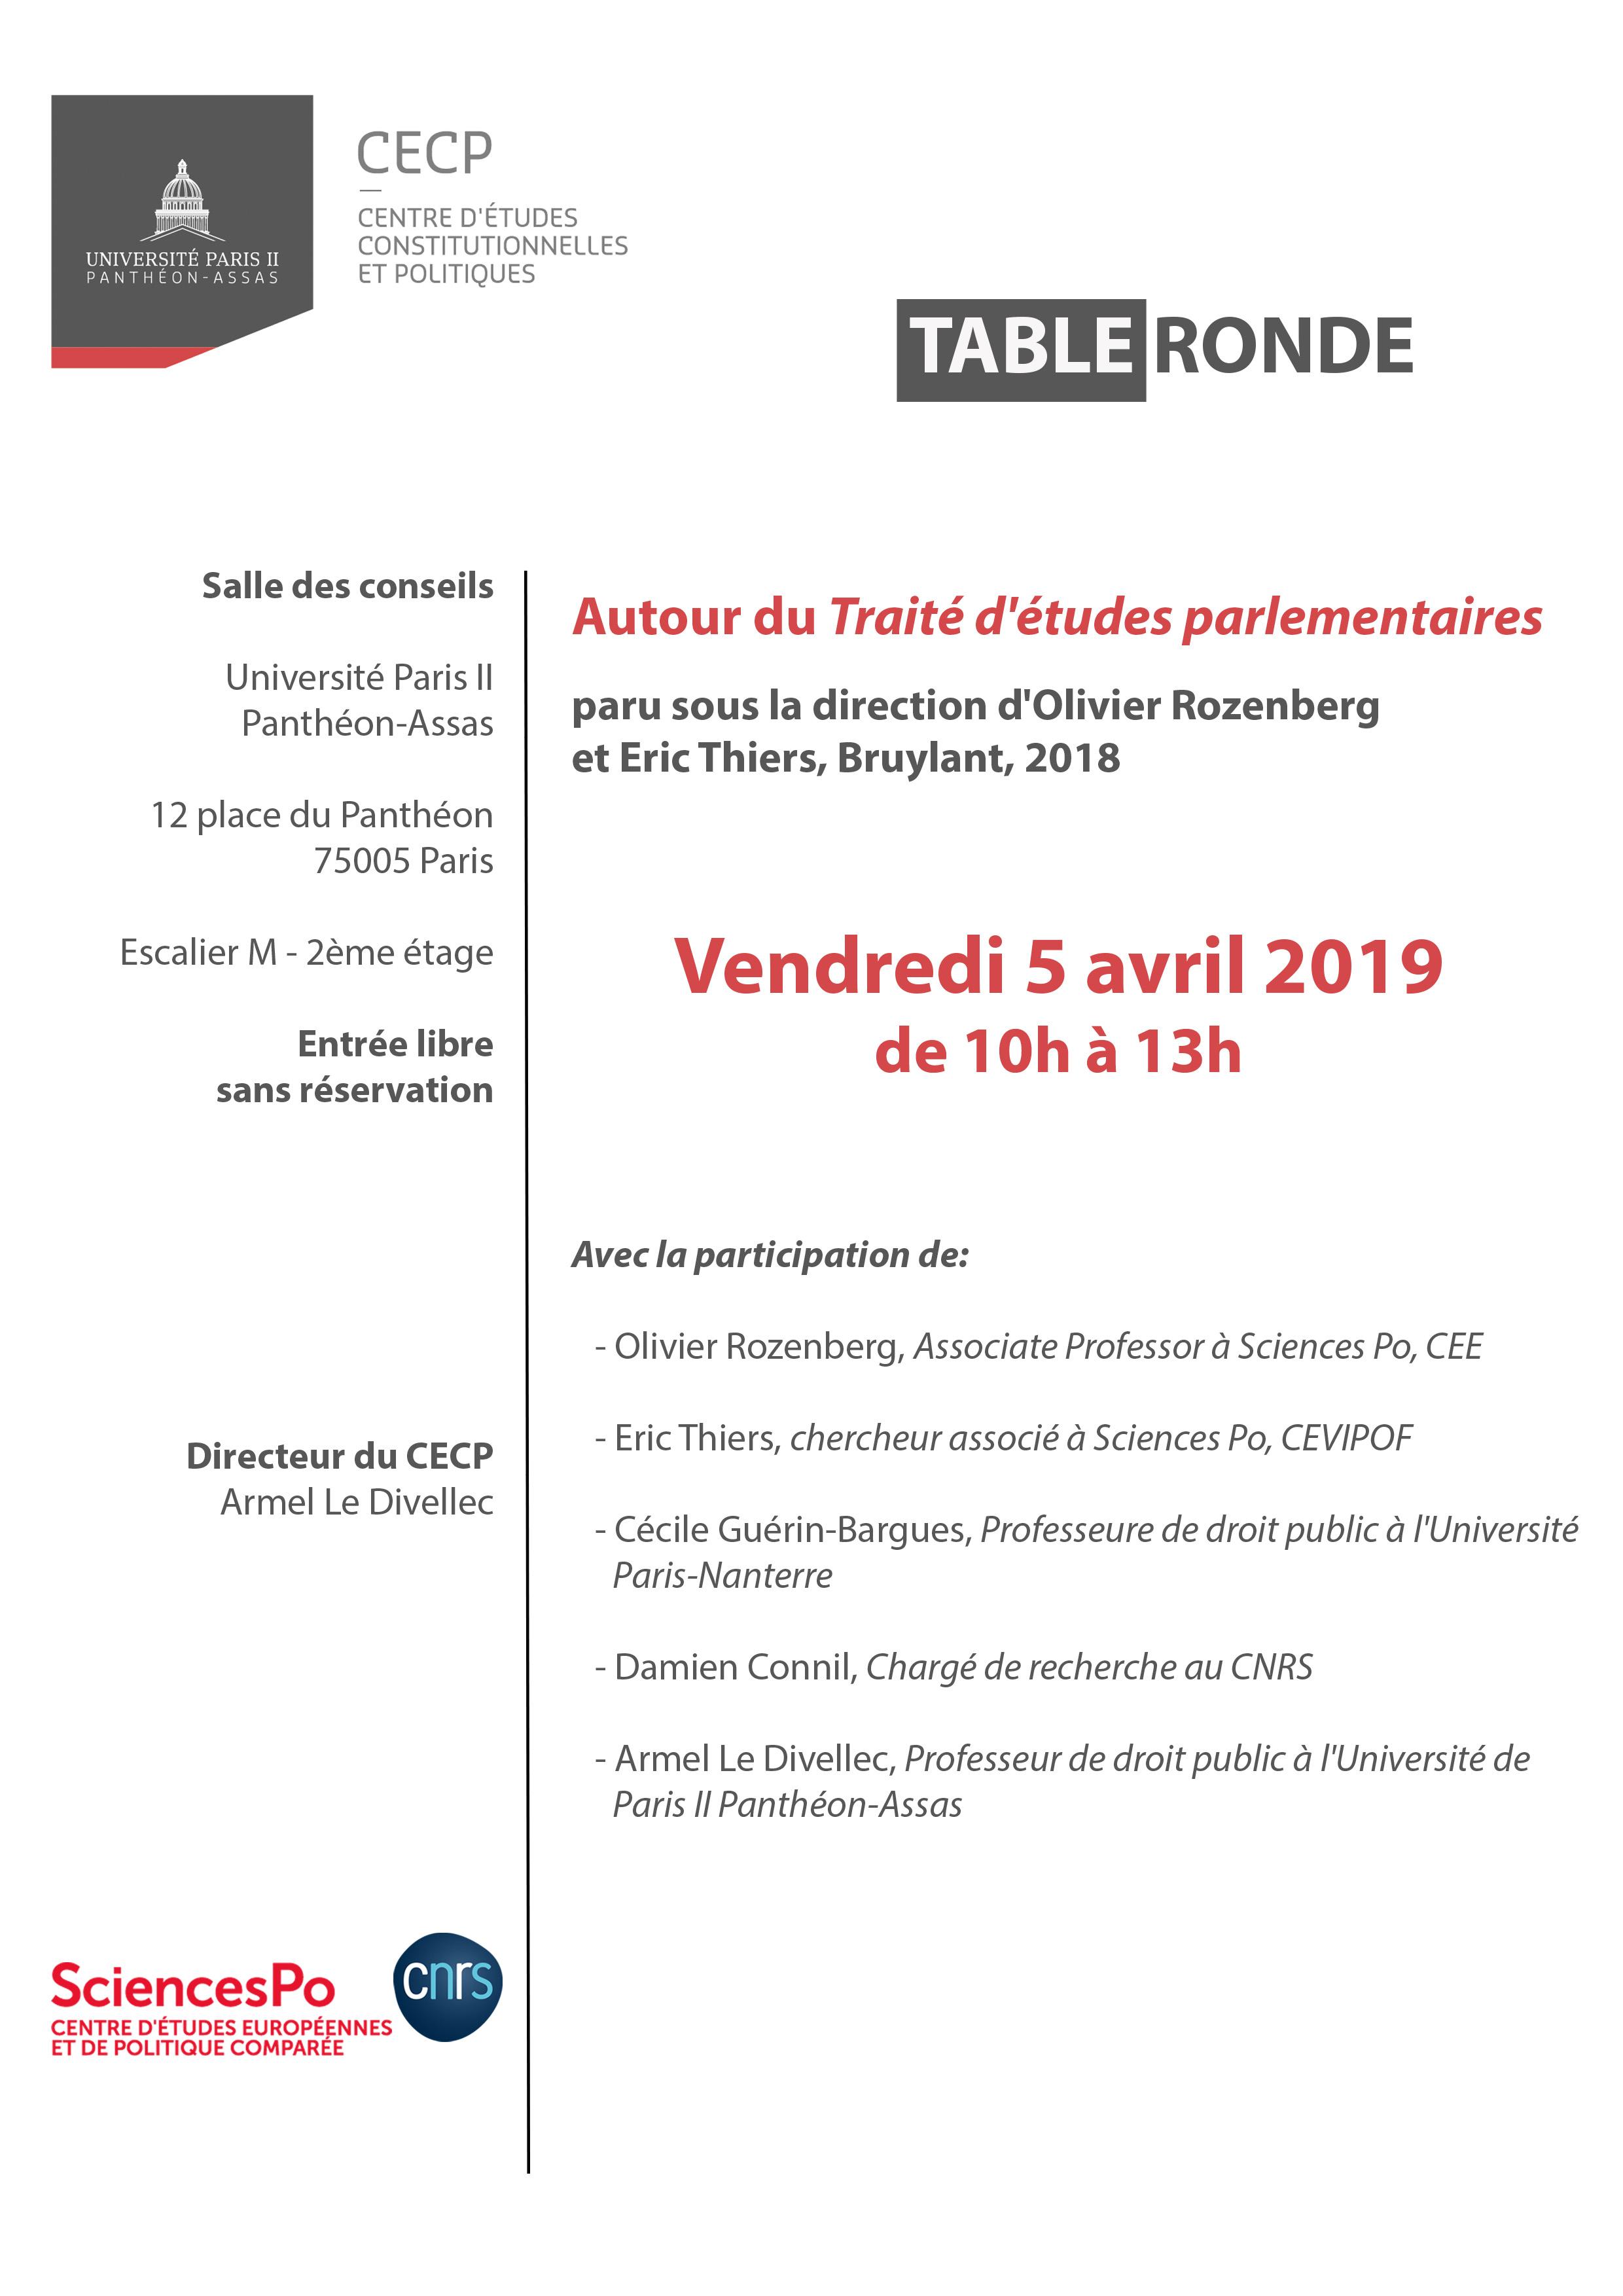 Flyer table ronde - traité d'études parlementaires